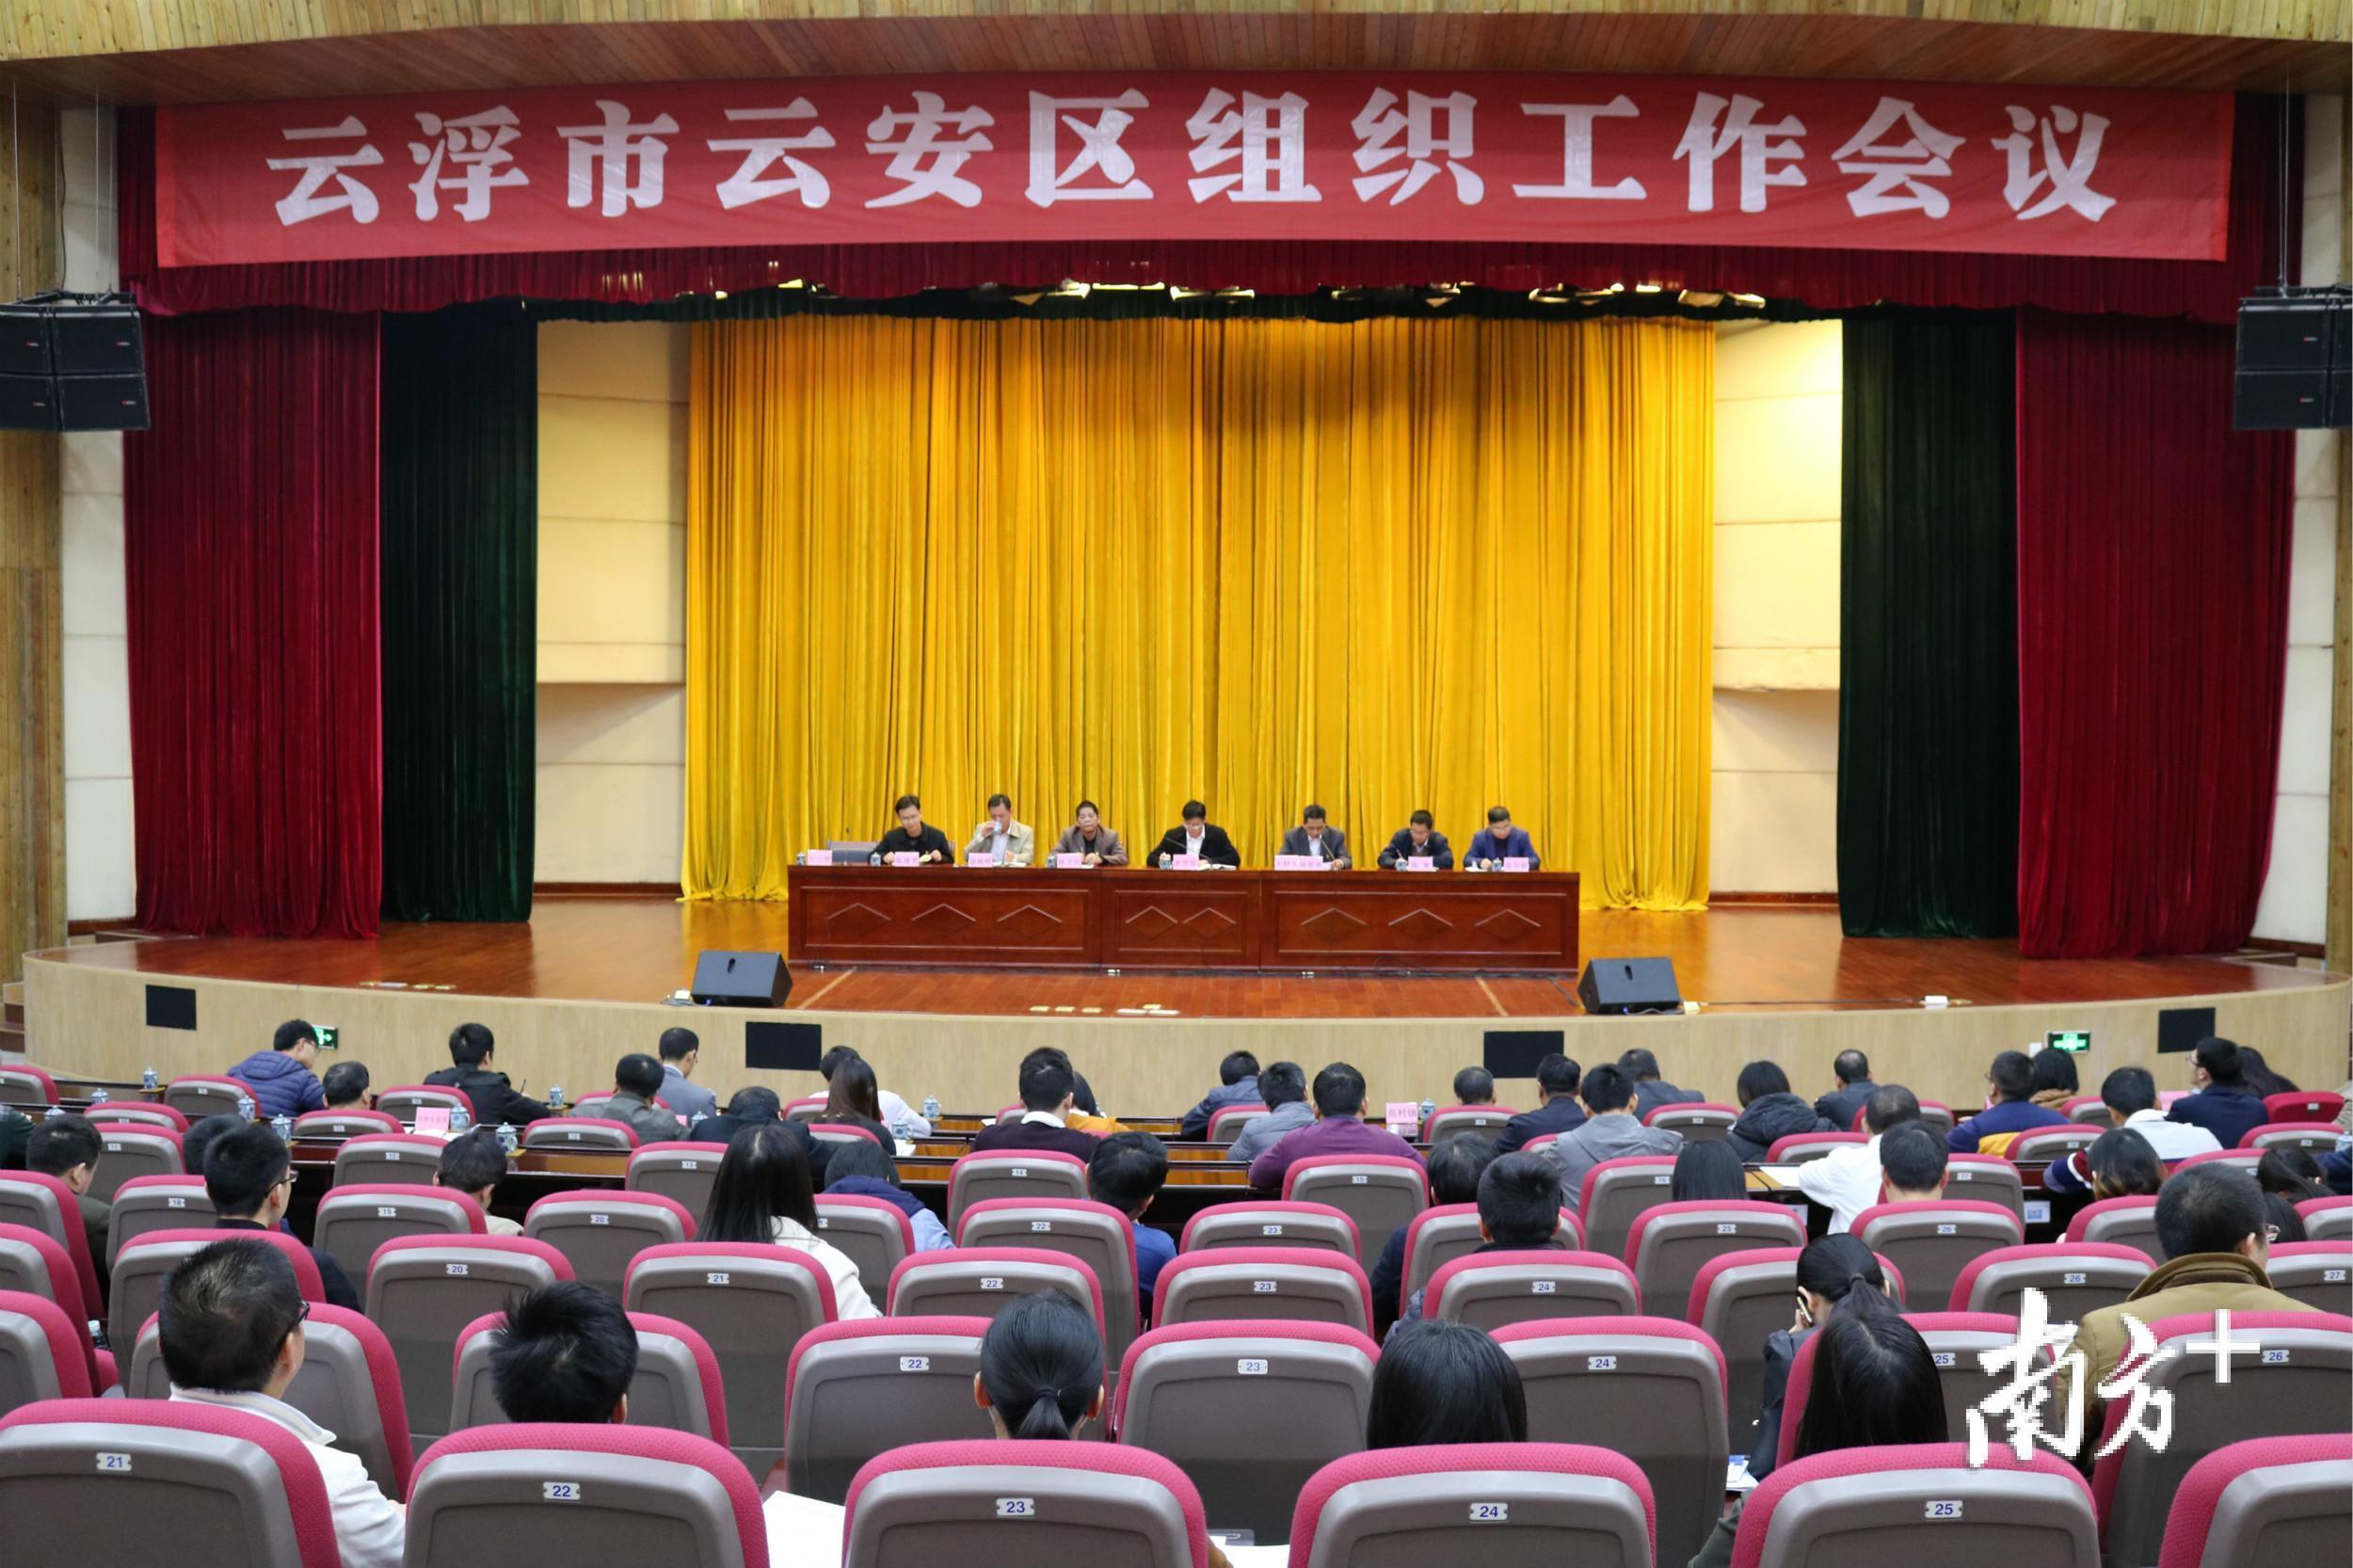 云浮市云安区召开全区组织工作会议,深入学习习近平新时代中国特色社会主义思想,全面贯彻落实党的十九大精神和全国、全省、全市组织部长会议精神。